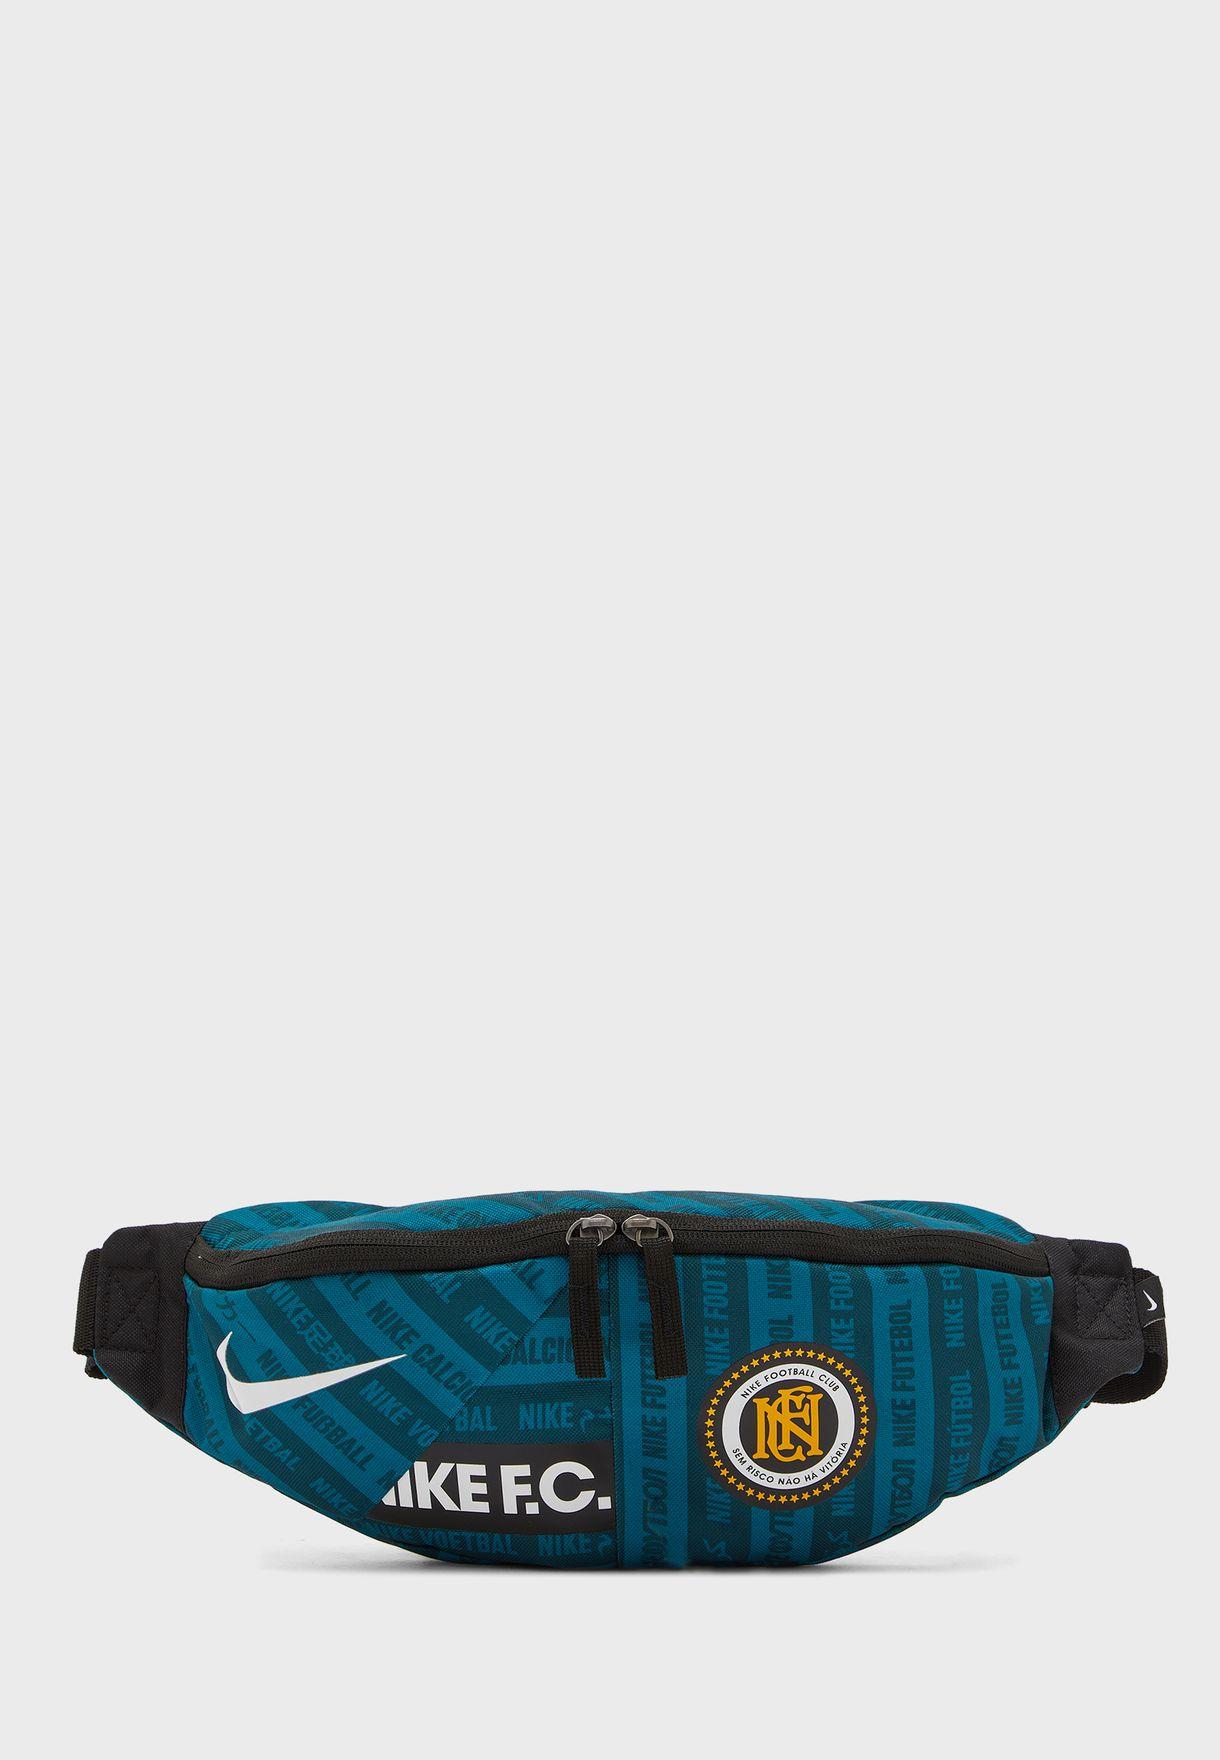 F.C. Waist bag